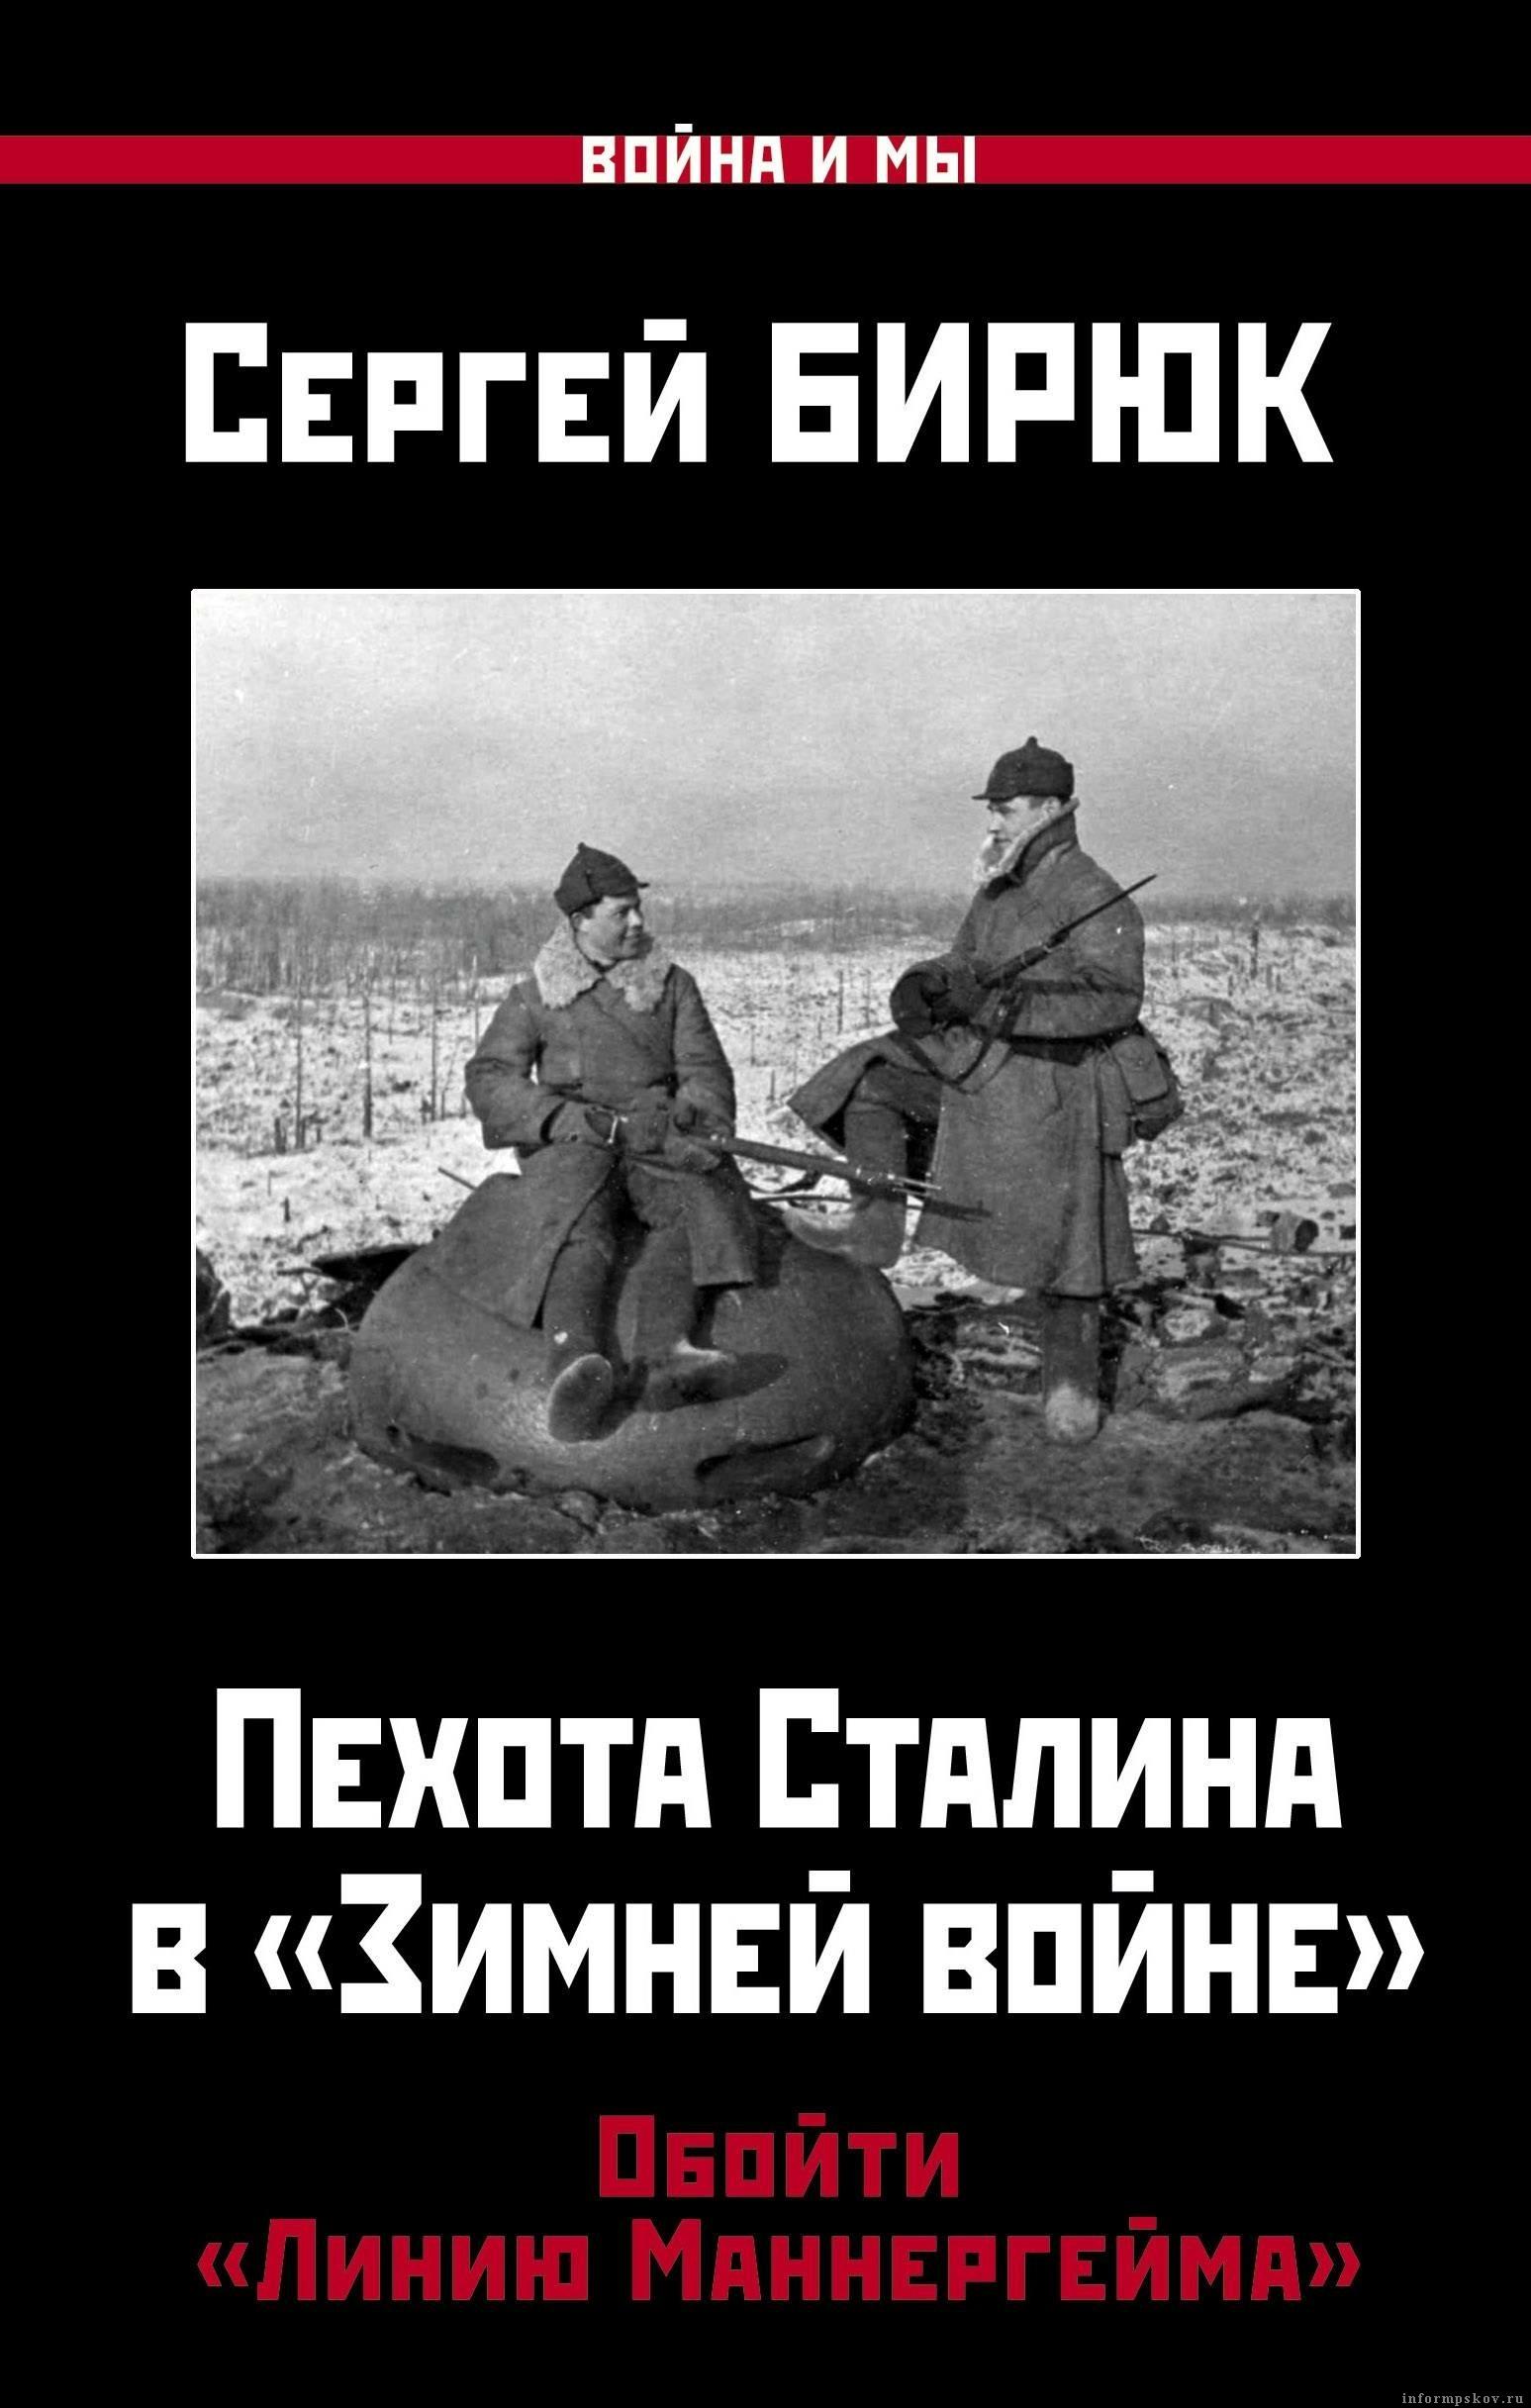 Фото: Историко-краеведческая библиотека им. И.И. Василёва.